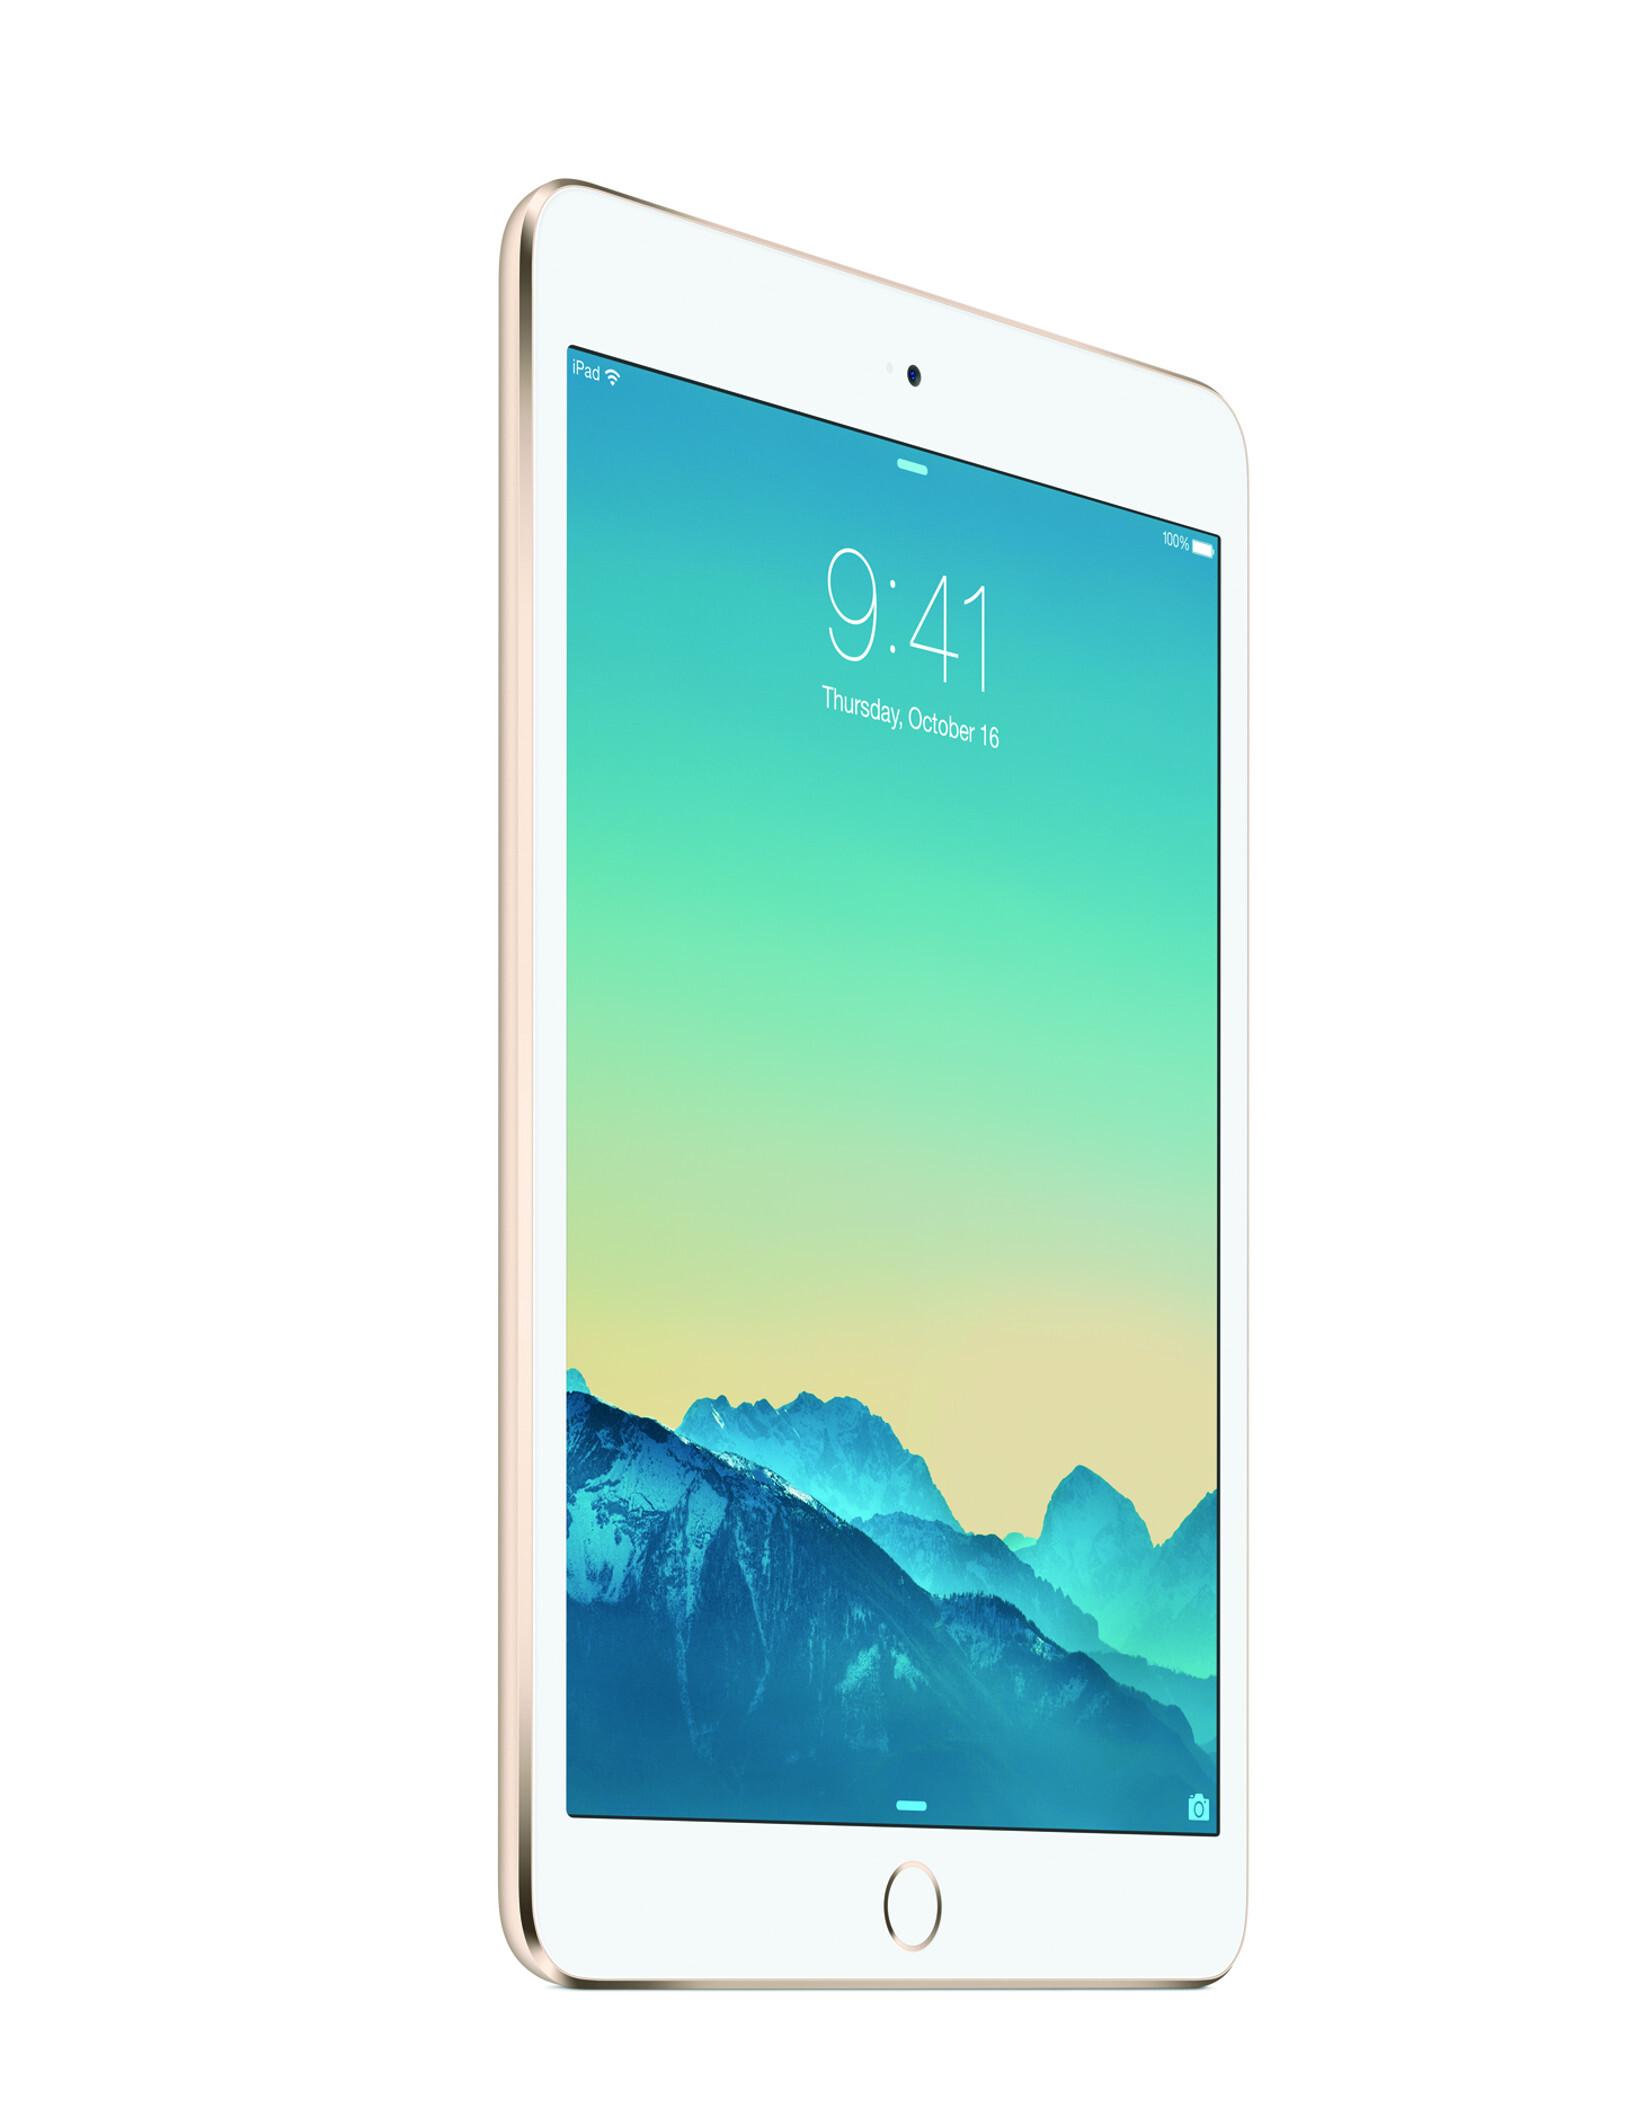 Apple iPad mini 3 specs